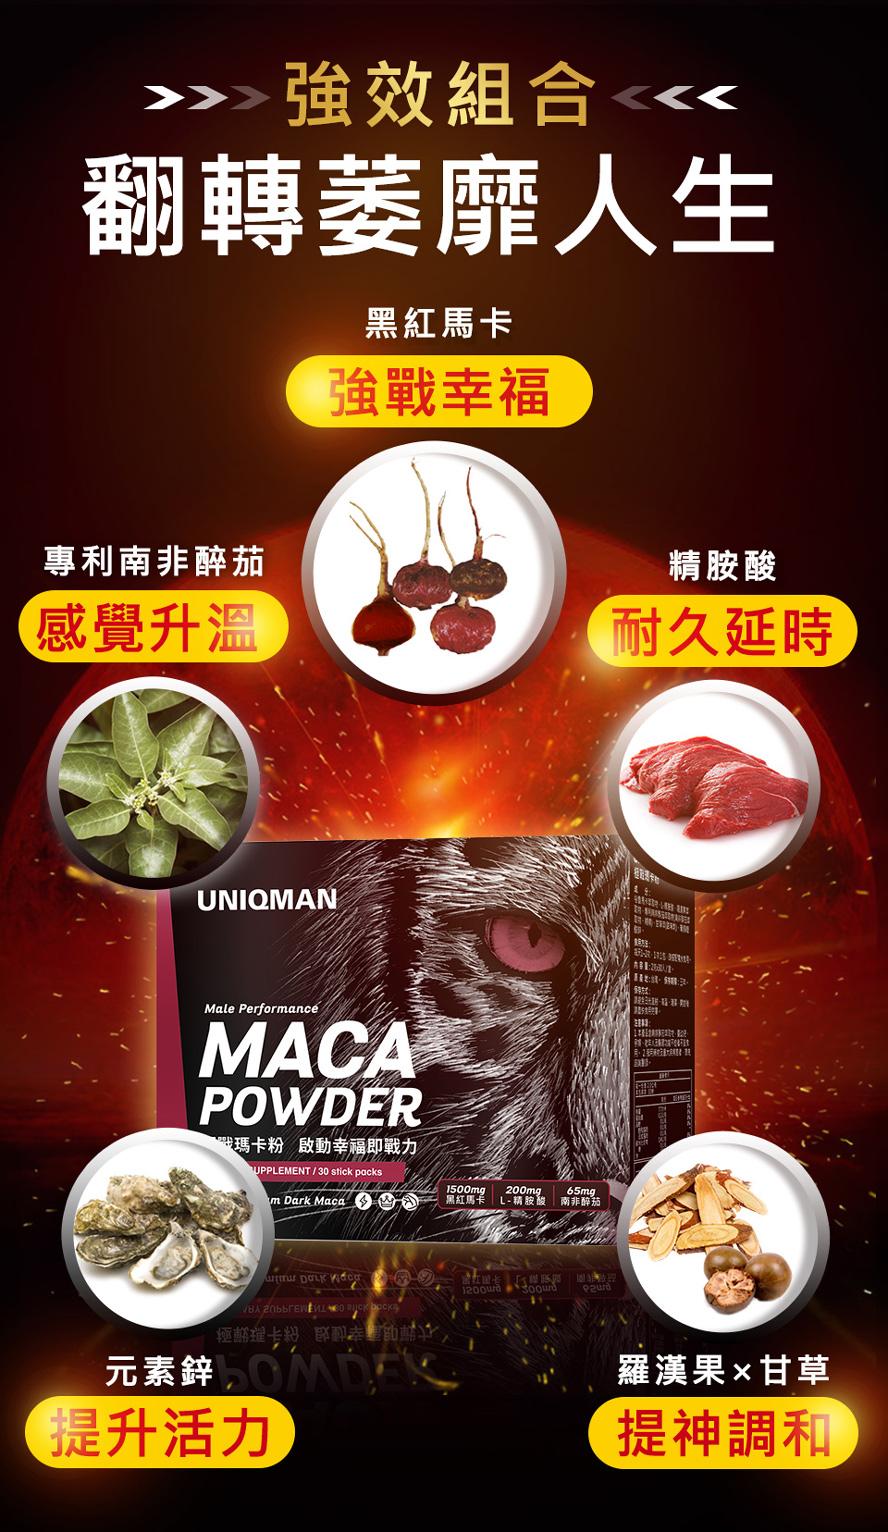 馬卡含有多種營養成分,可以幫助男性加強戰力